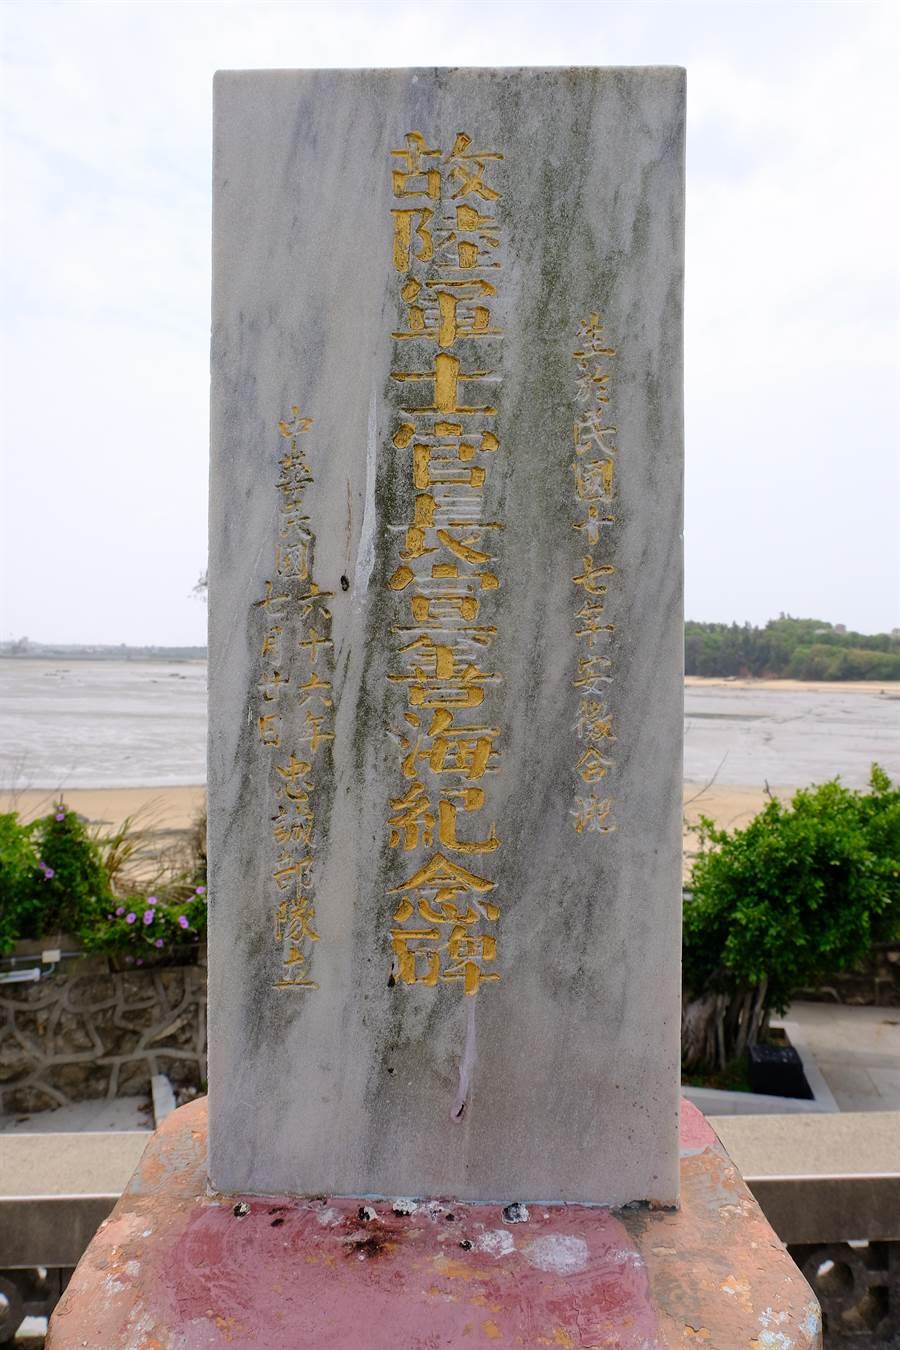 建功嶼的〈陸軍士官長宣善海紀念碑〉,訴說一段患難與共的袍澤深情。(李金生攝)